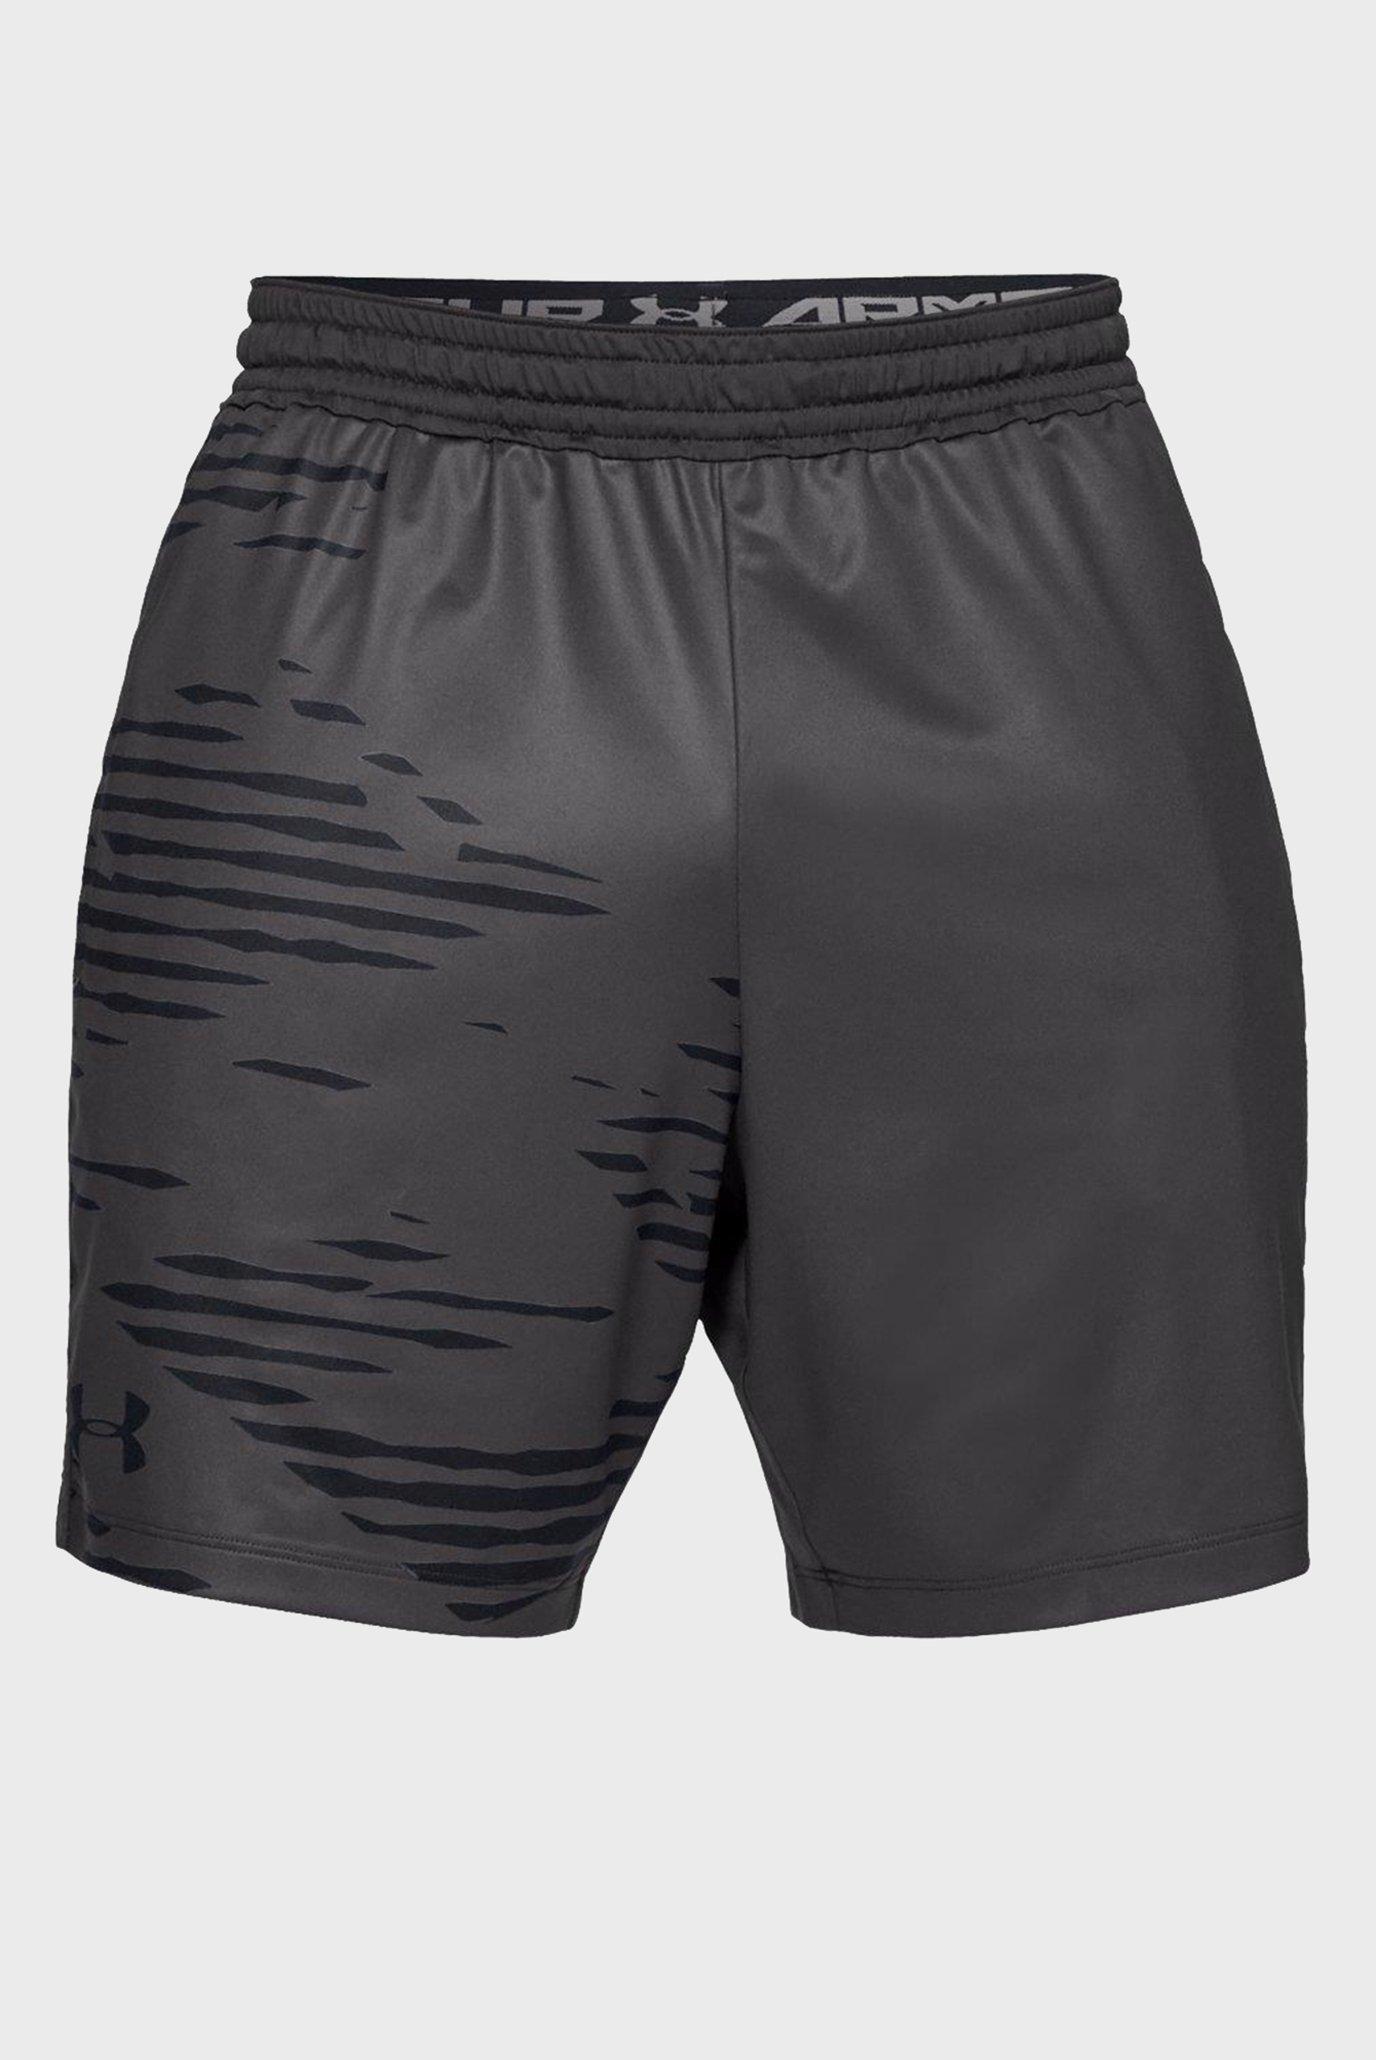 Купить Мужские серые спортивные шорты/MK1 7in Short Camo Print Under Armour Under Armour 1322072-019 – Киев, Украина. Цены в интернет магазине MD Fashion